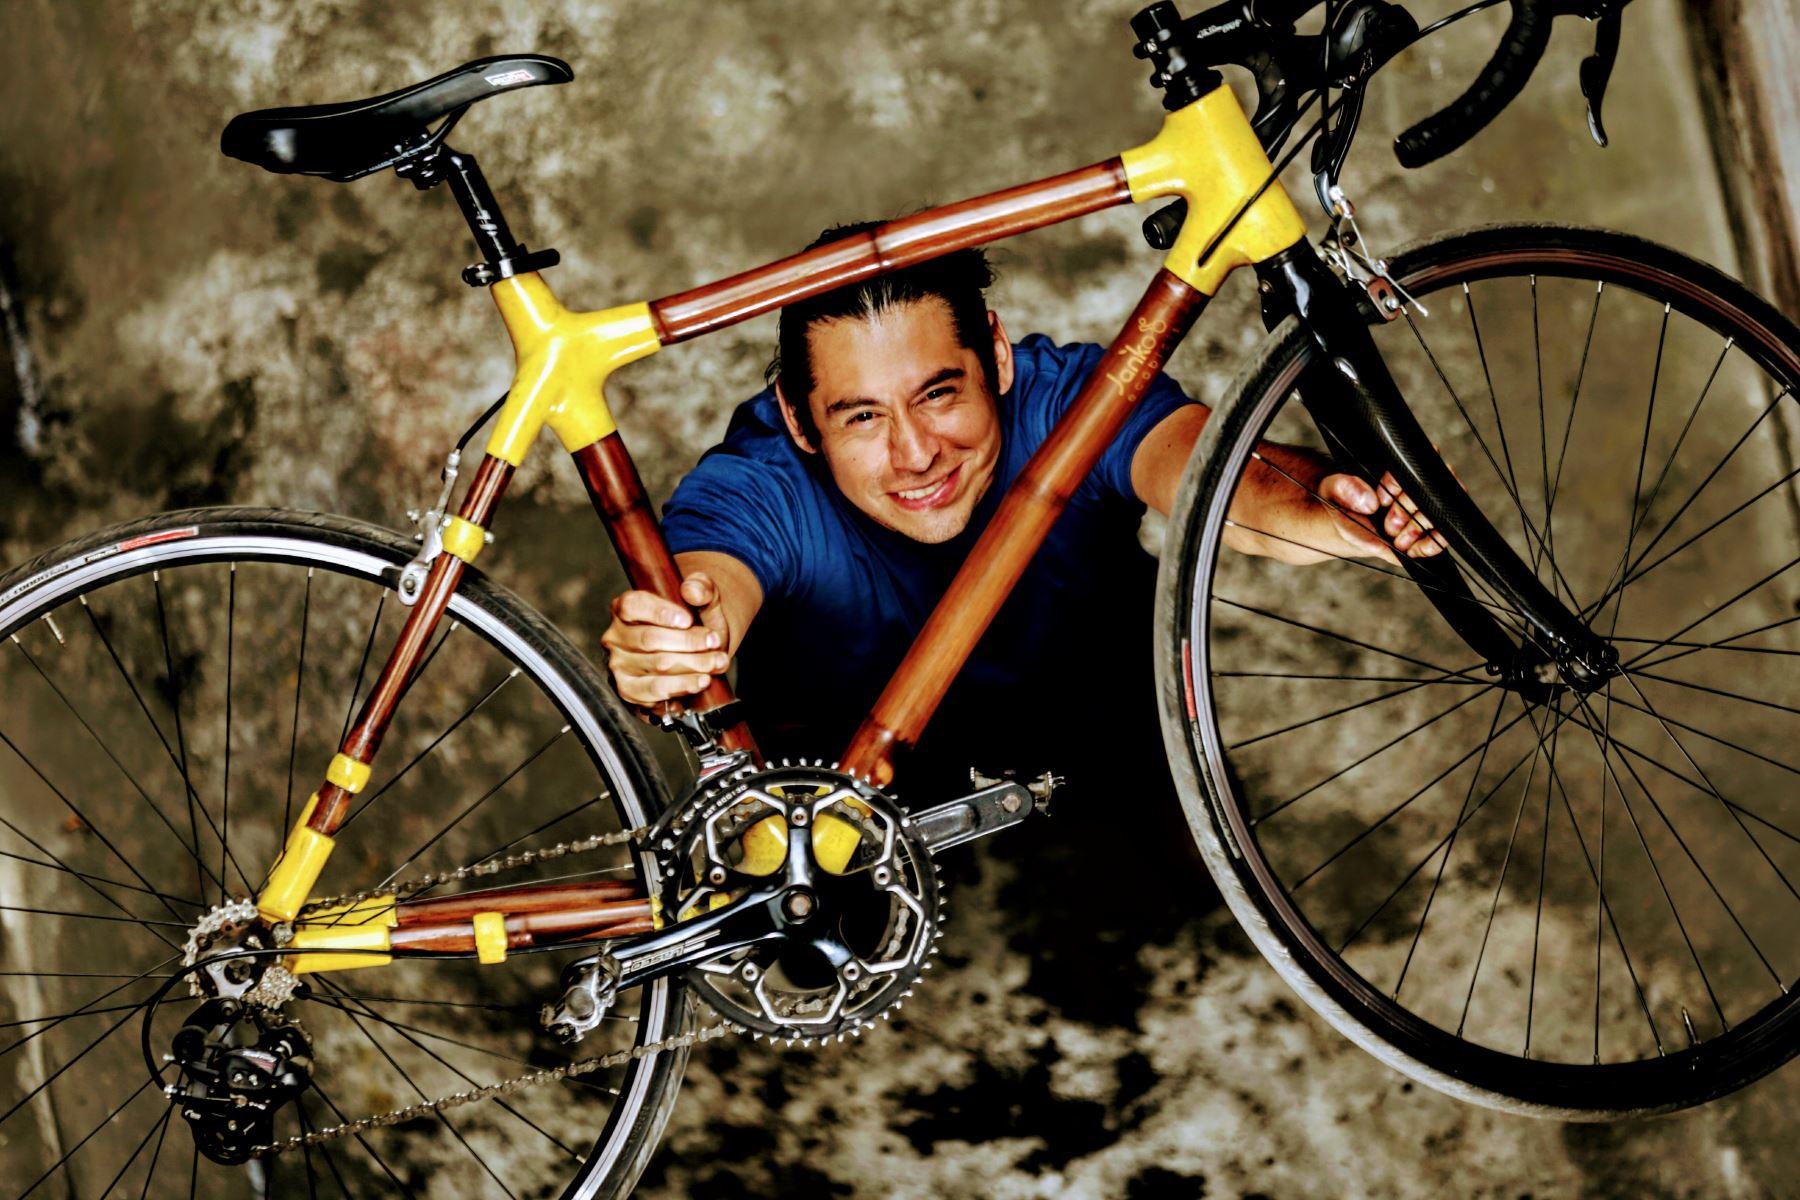 Bicicleta ha sido probada y ya se difunden sus beneficios. Foto: ANDINA/Luis Iparraguirre.